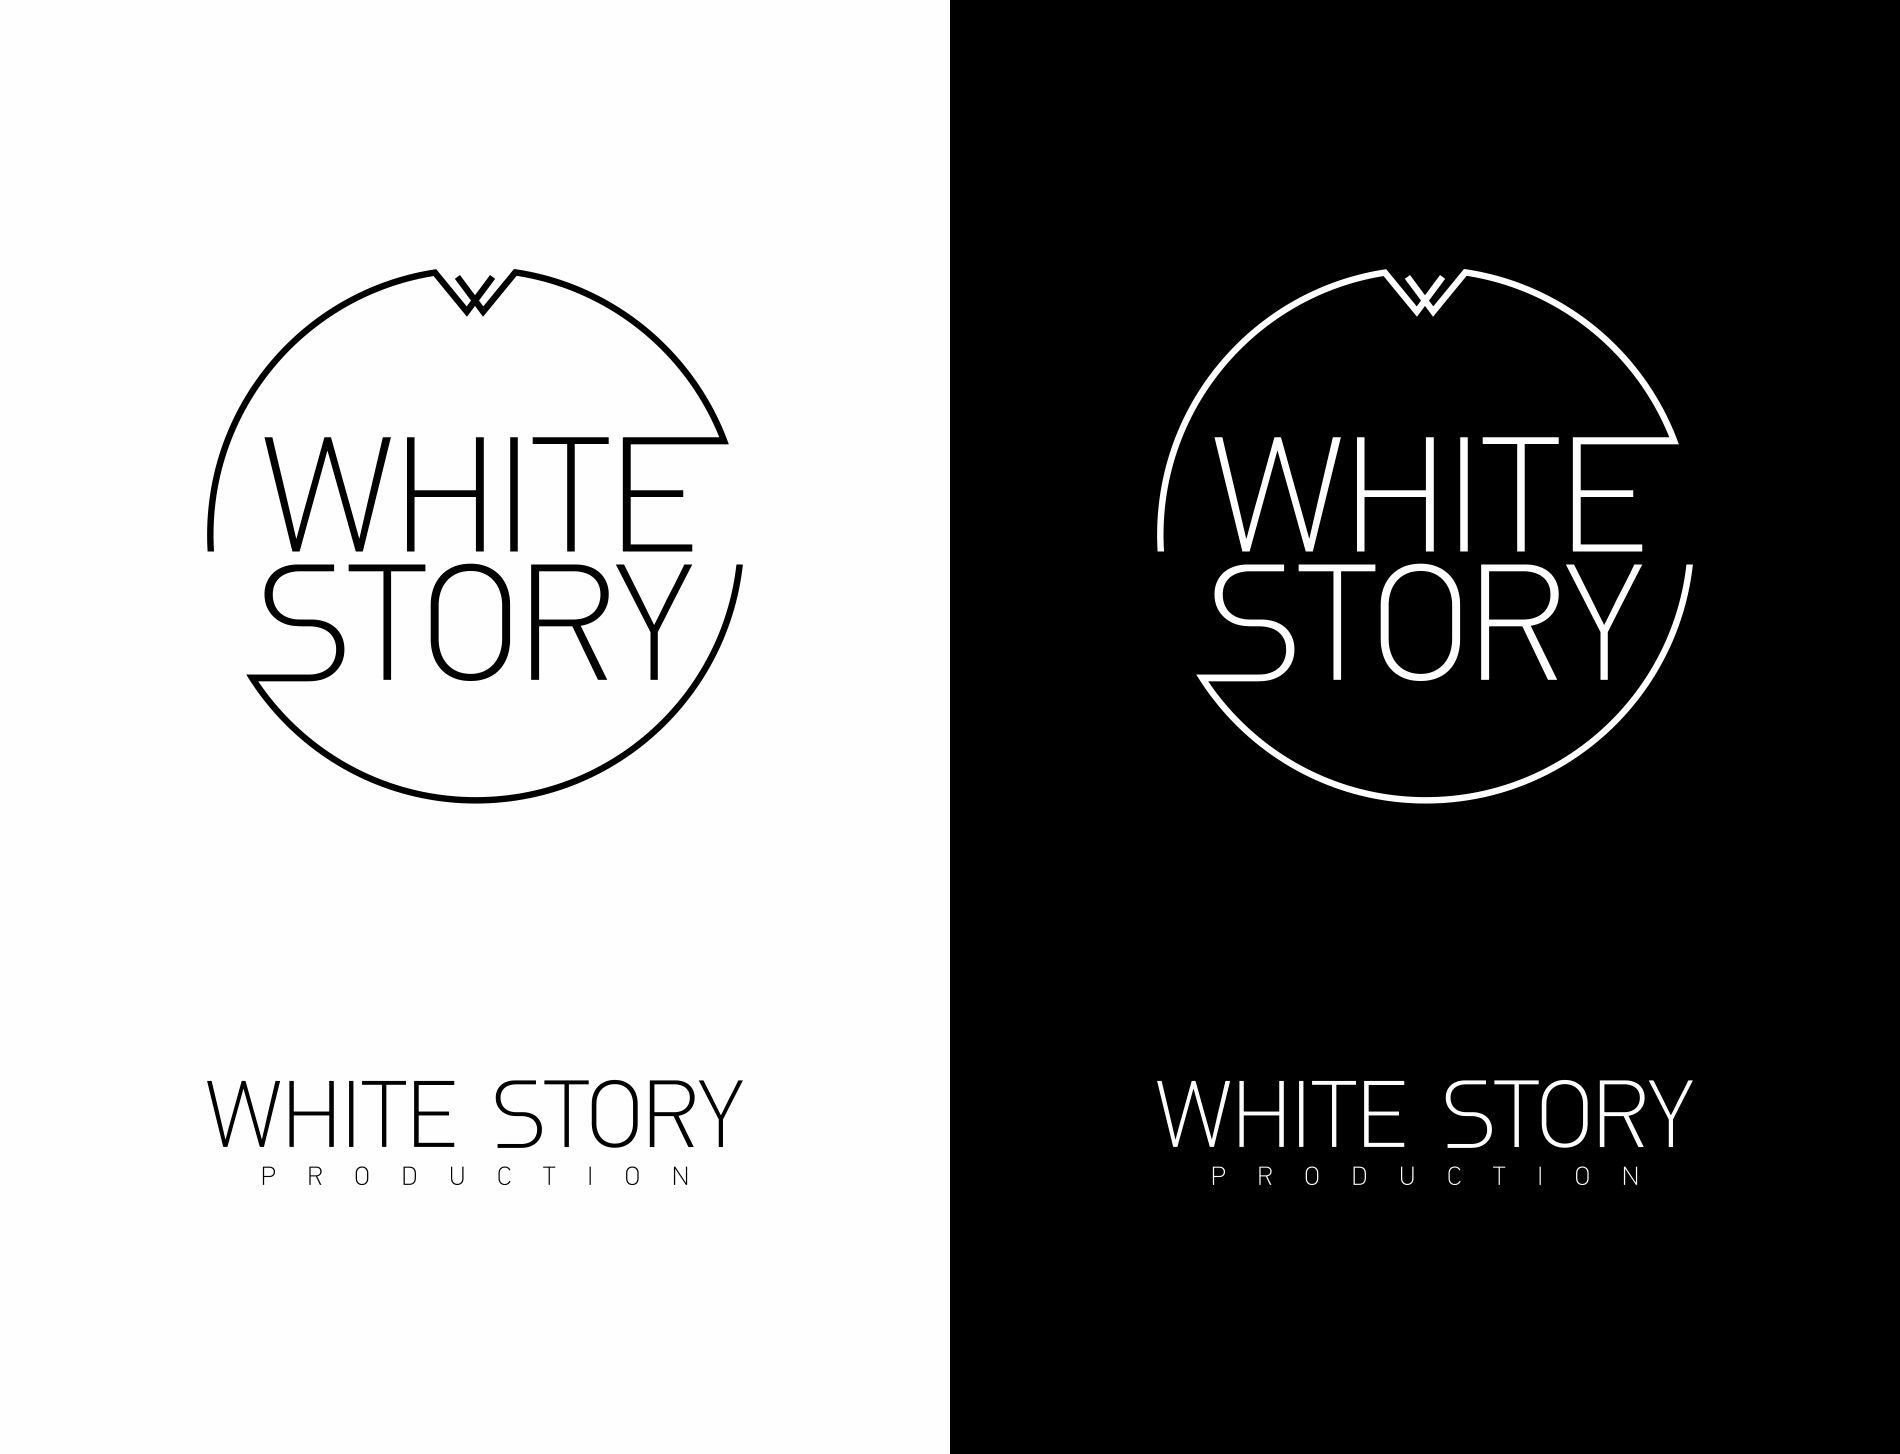 Логотип для Логотип для Фото и Видео продакшена - дизайнер Sobolewski